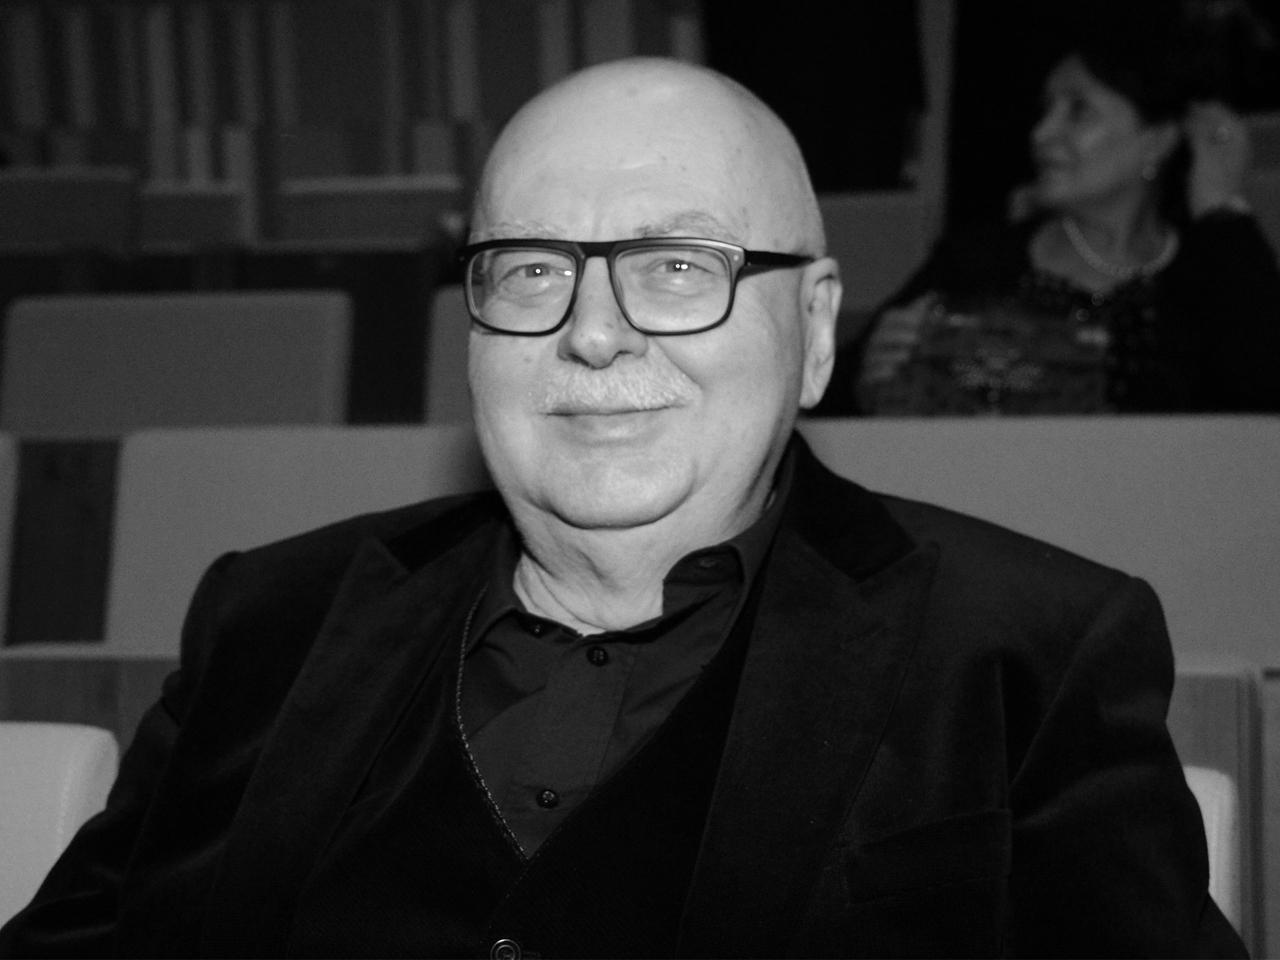 Ушел из жизни народный артист России Алексей Евсюков, который написал музыку к гимну Твери